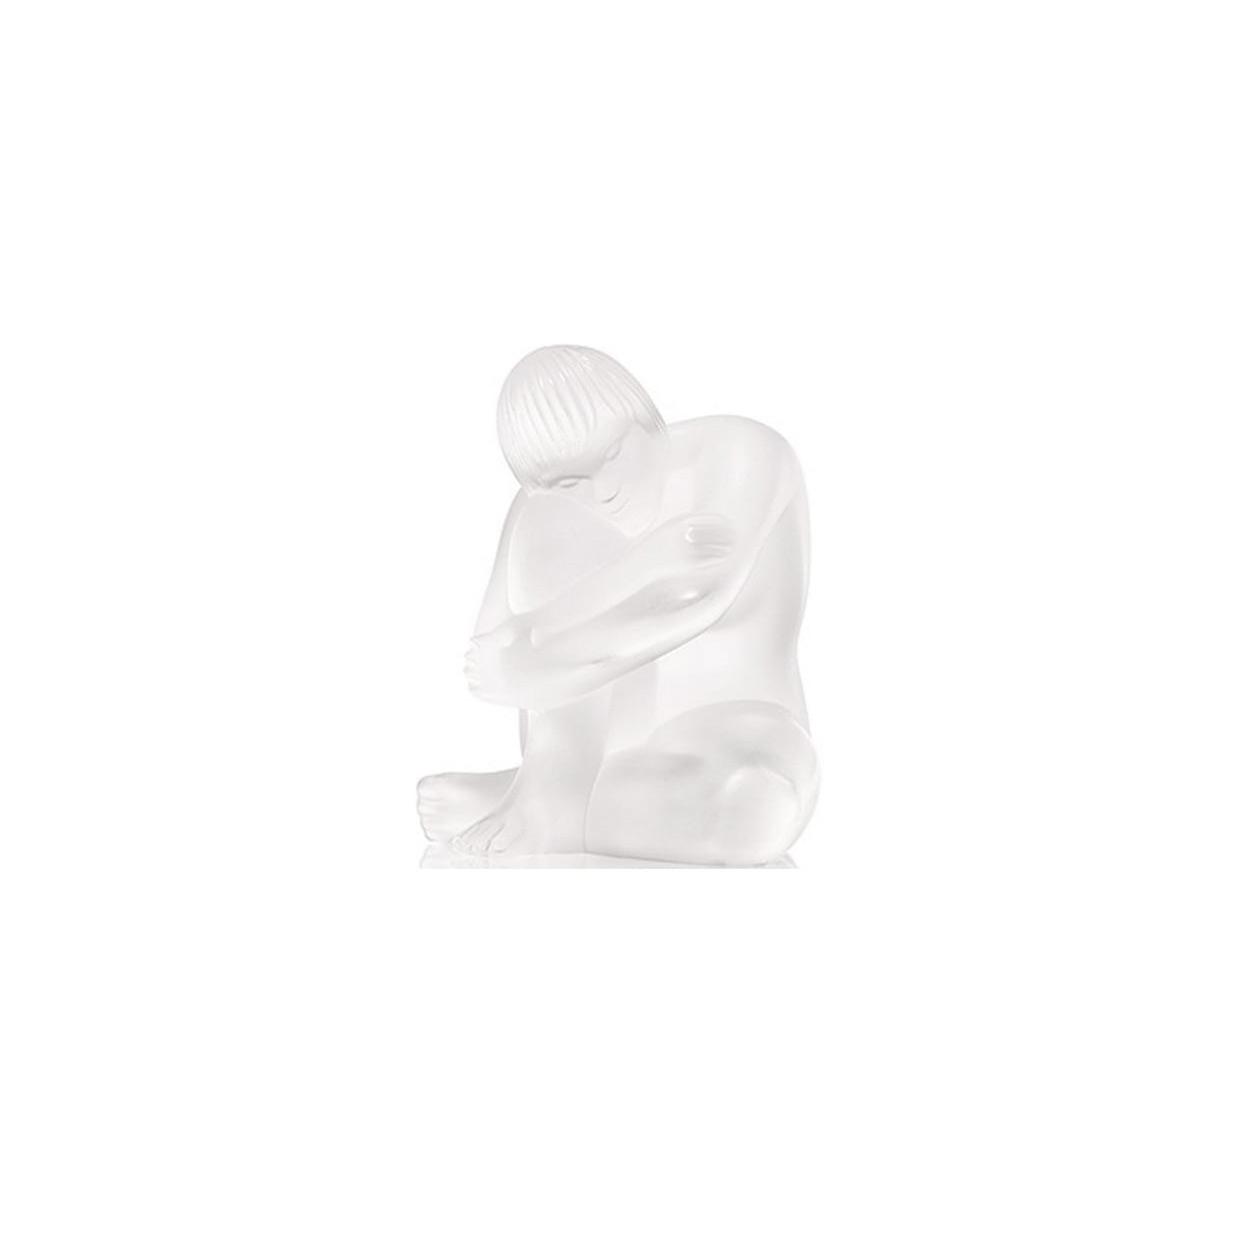 Lalique Nude Sage Figure - FJ Zelley